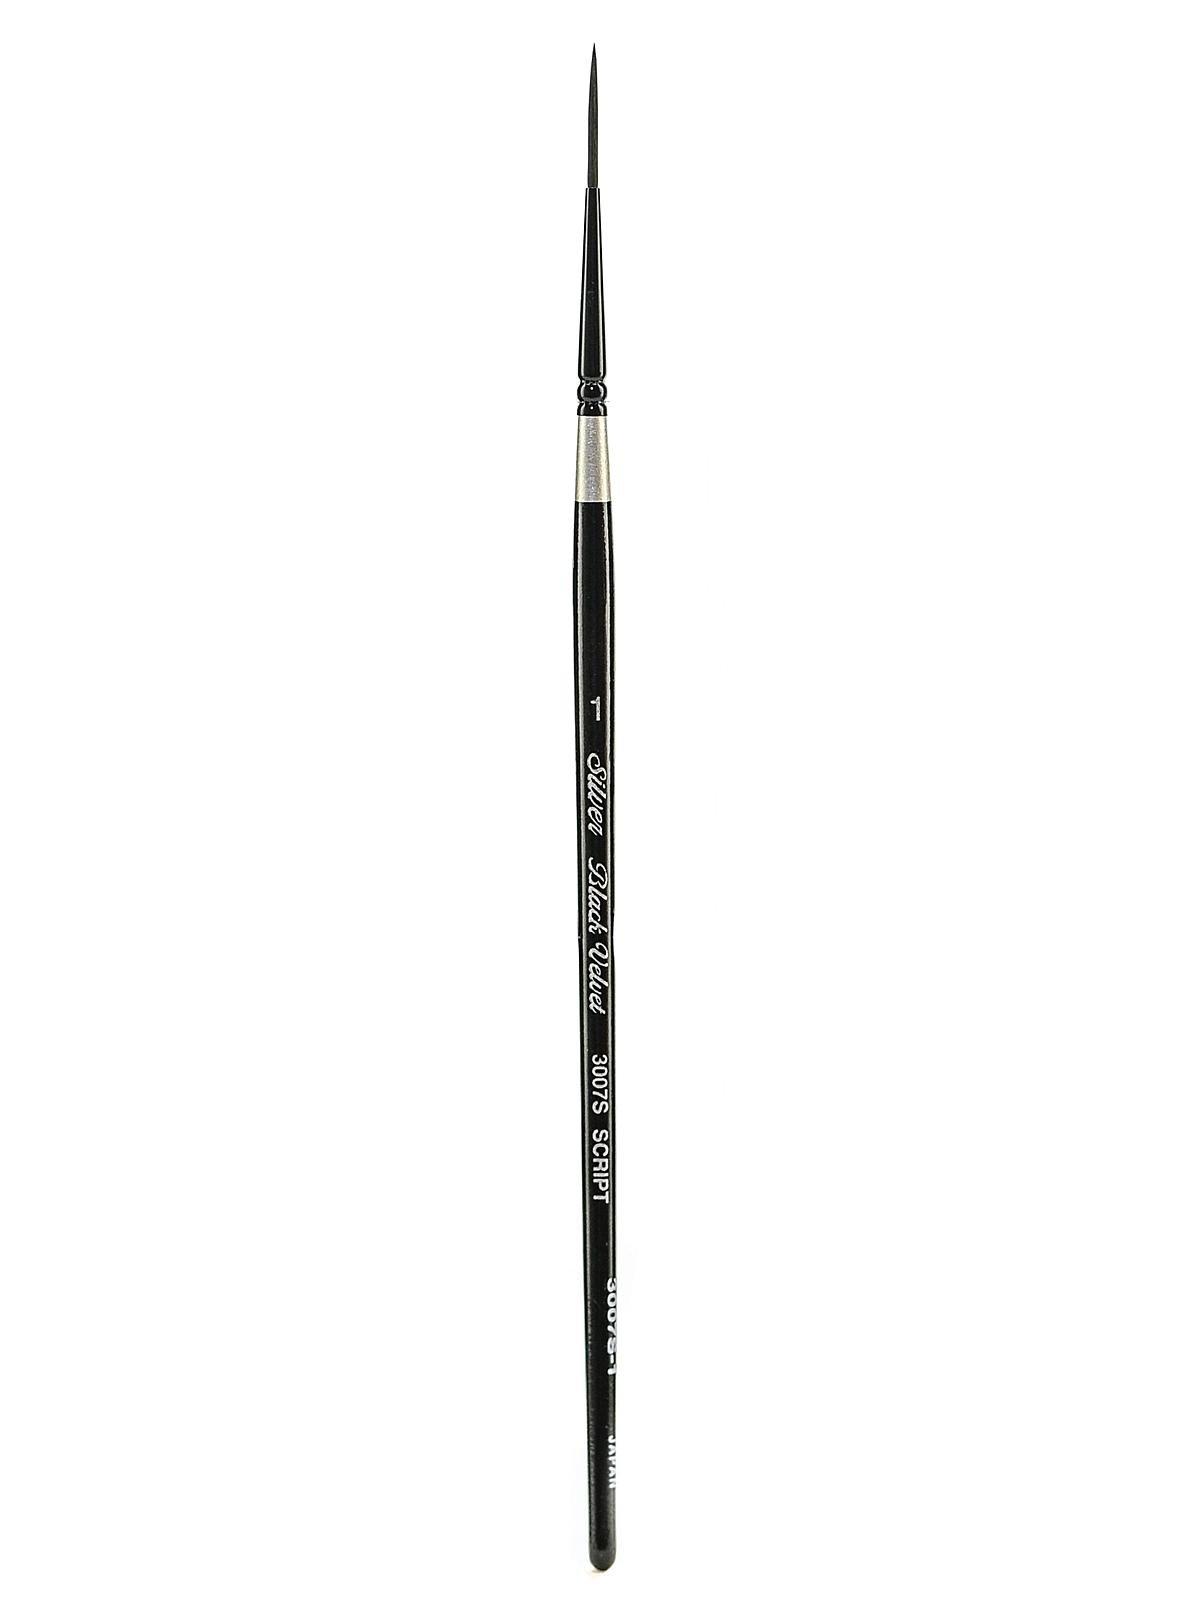 Silver Brush Black Velvet Series Brushes 1 script liner 3007S [PACK OF 2 ]